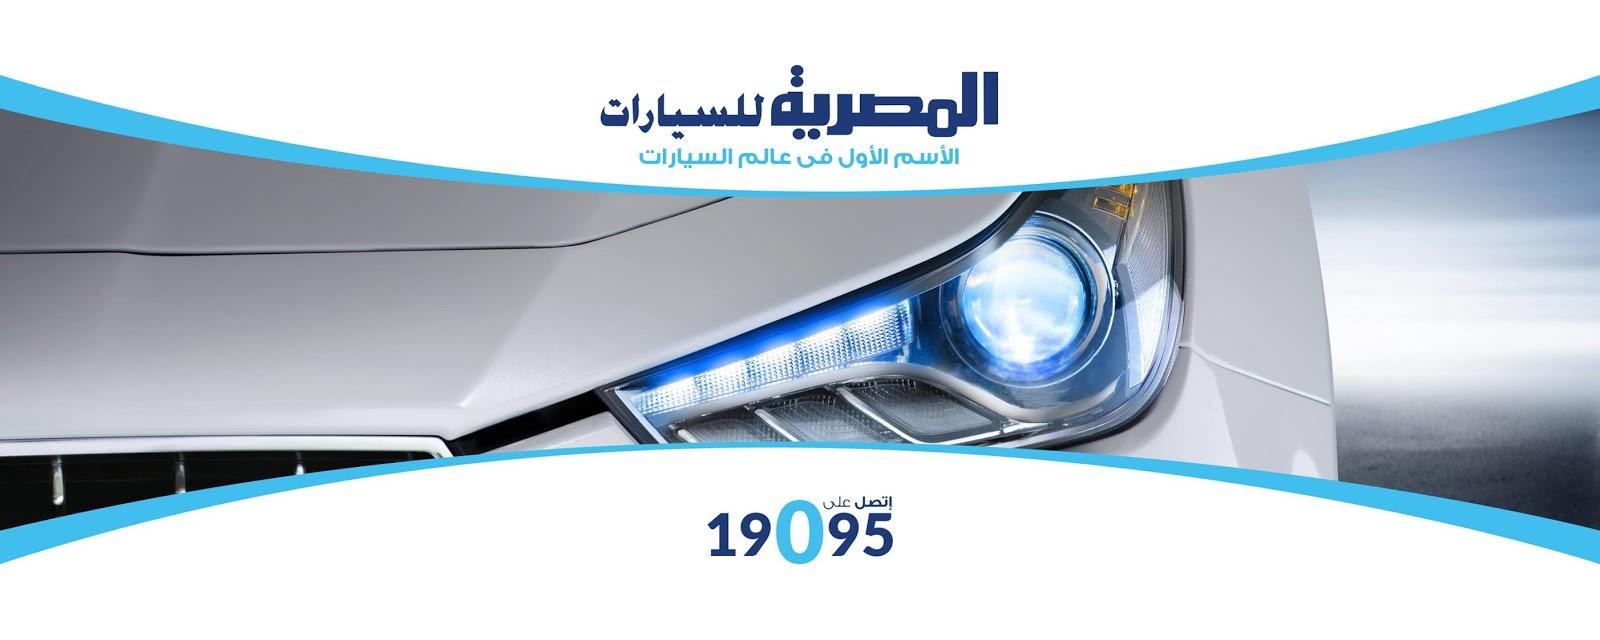 وظائف شاغرة فى شركة المصرية للسيارات فى مصر لعام 2020